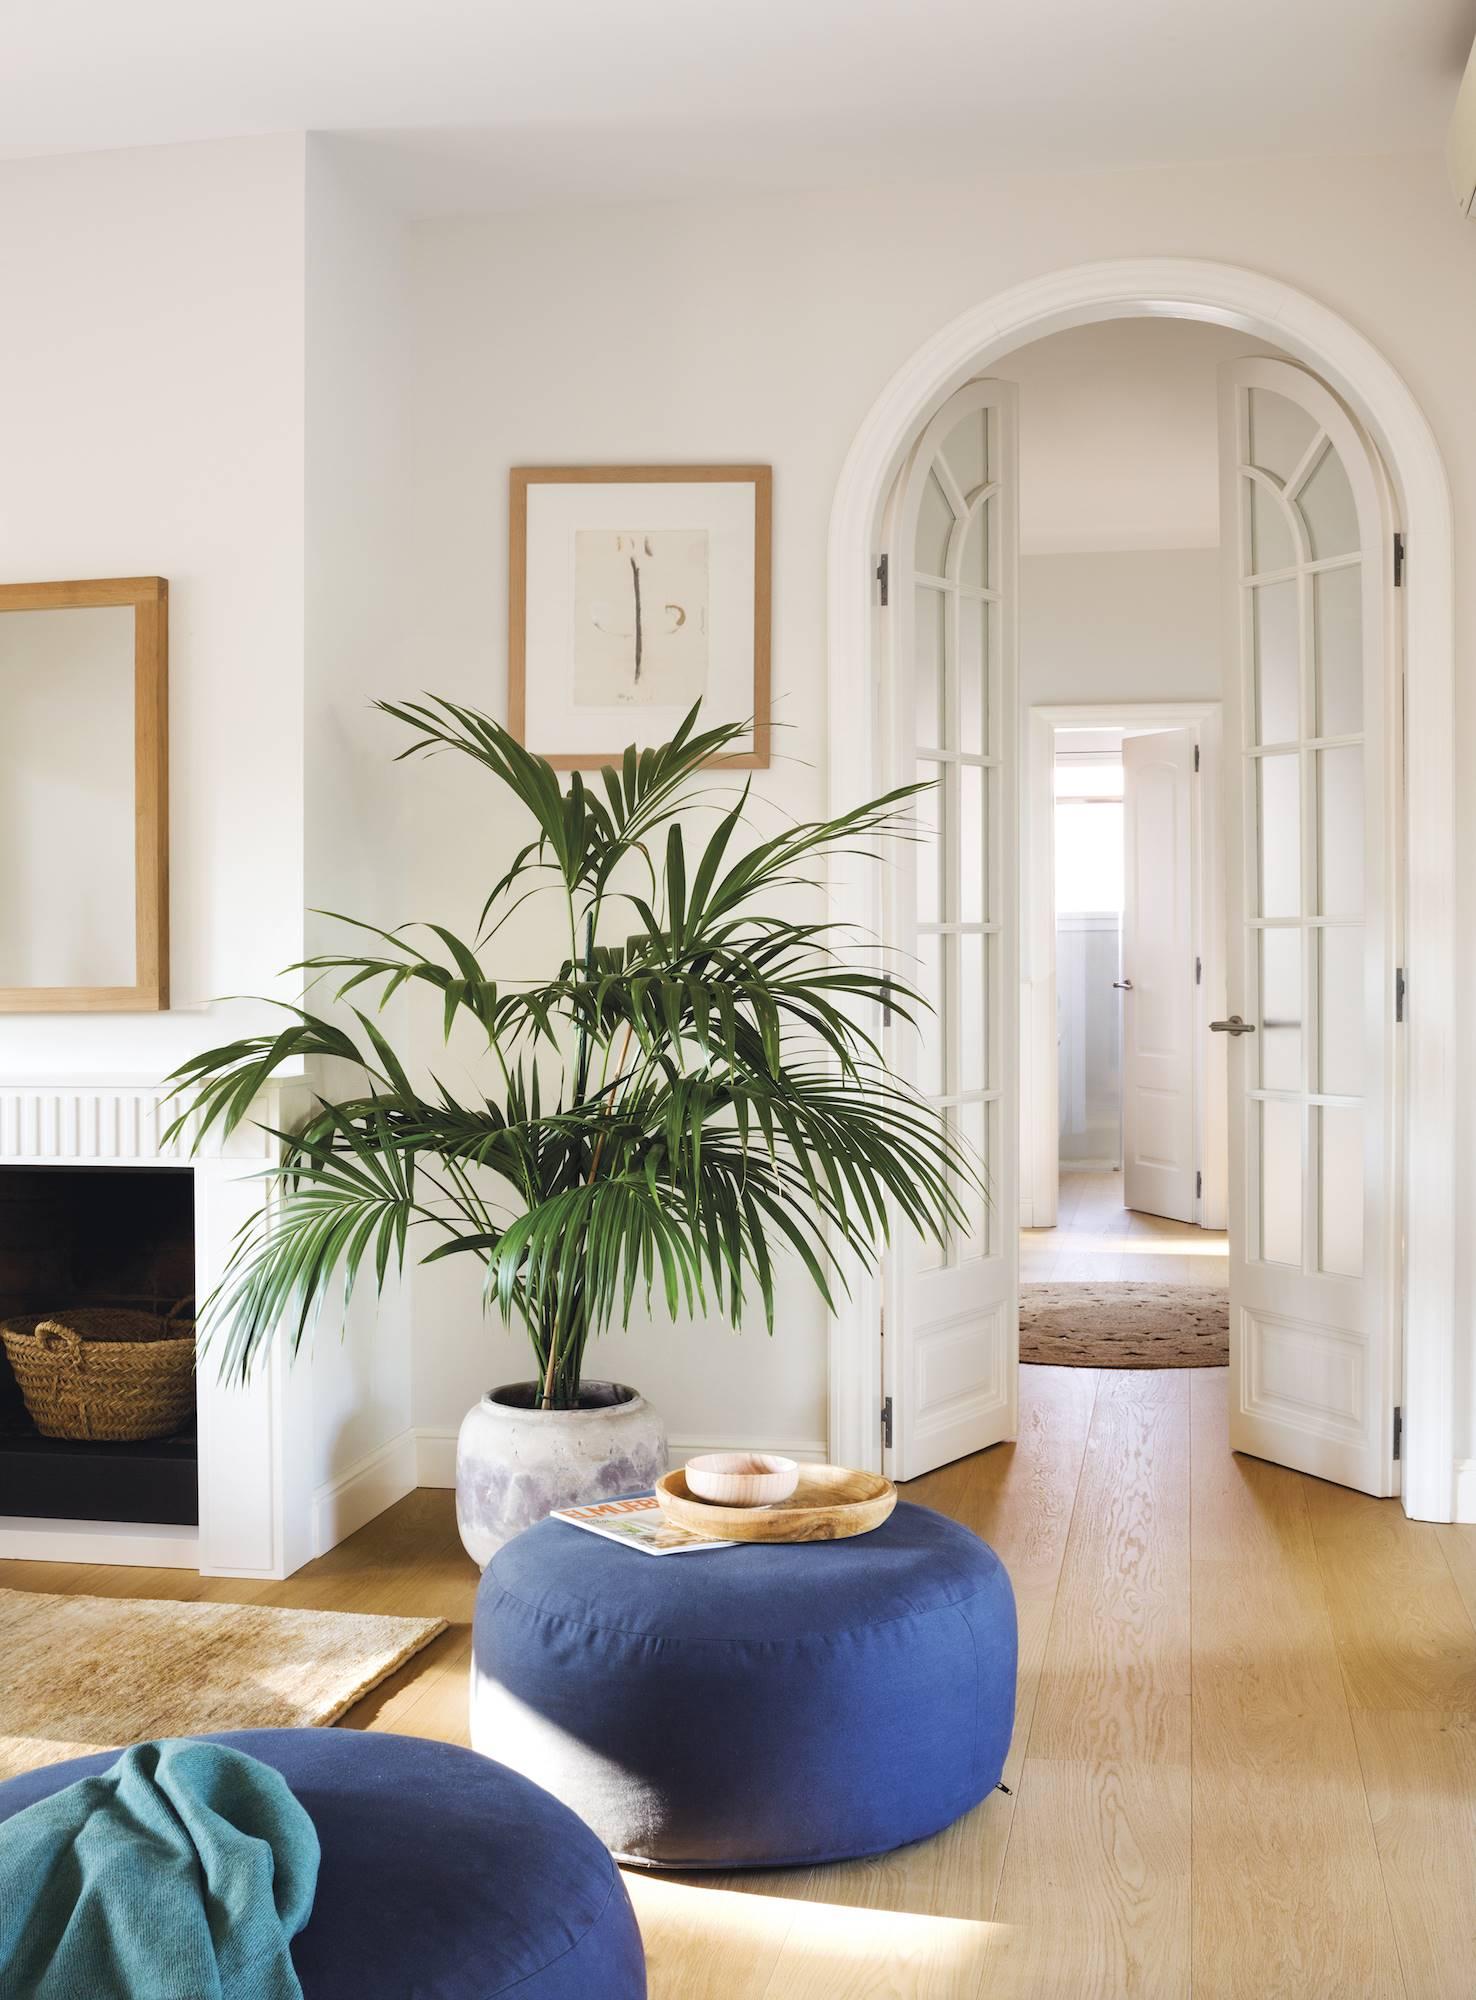 Cuanto cuesta lacar un mueble en blanco imagen titulada lacquer furniture step with cuanto - Cuanto cuesta lacar una puerta ...